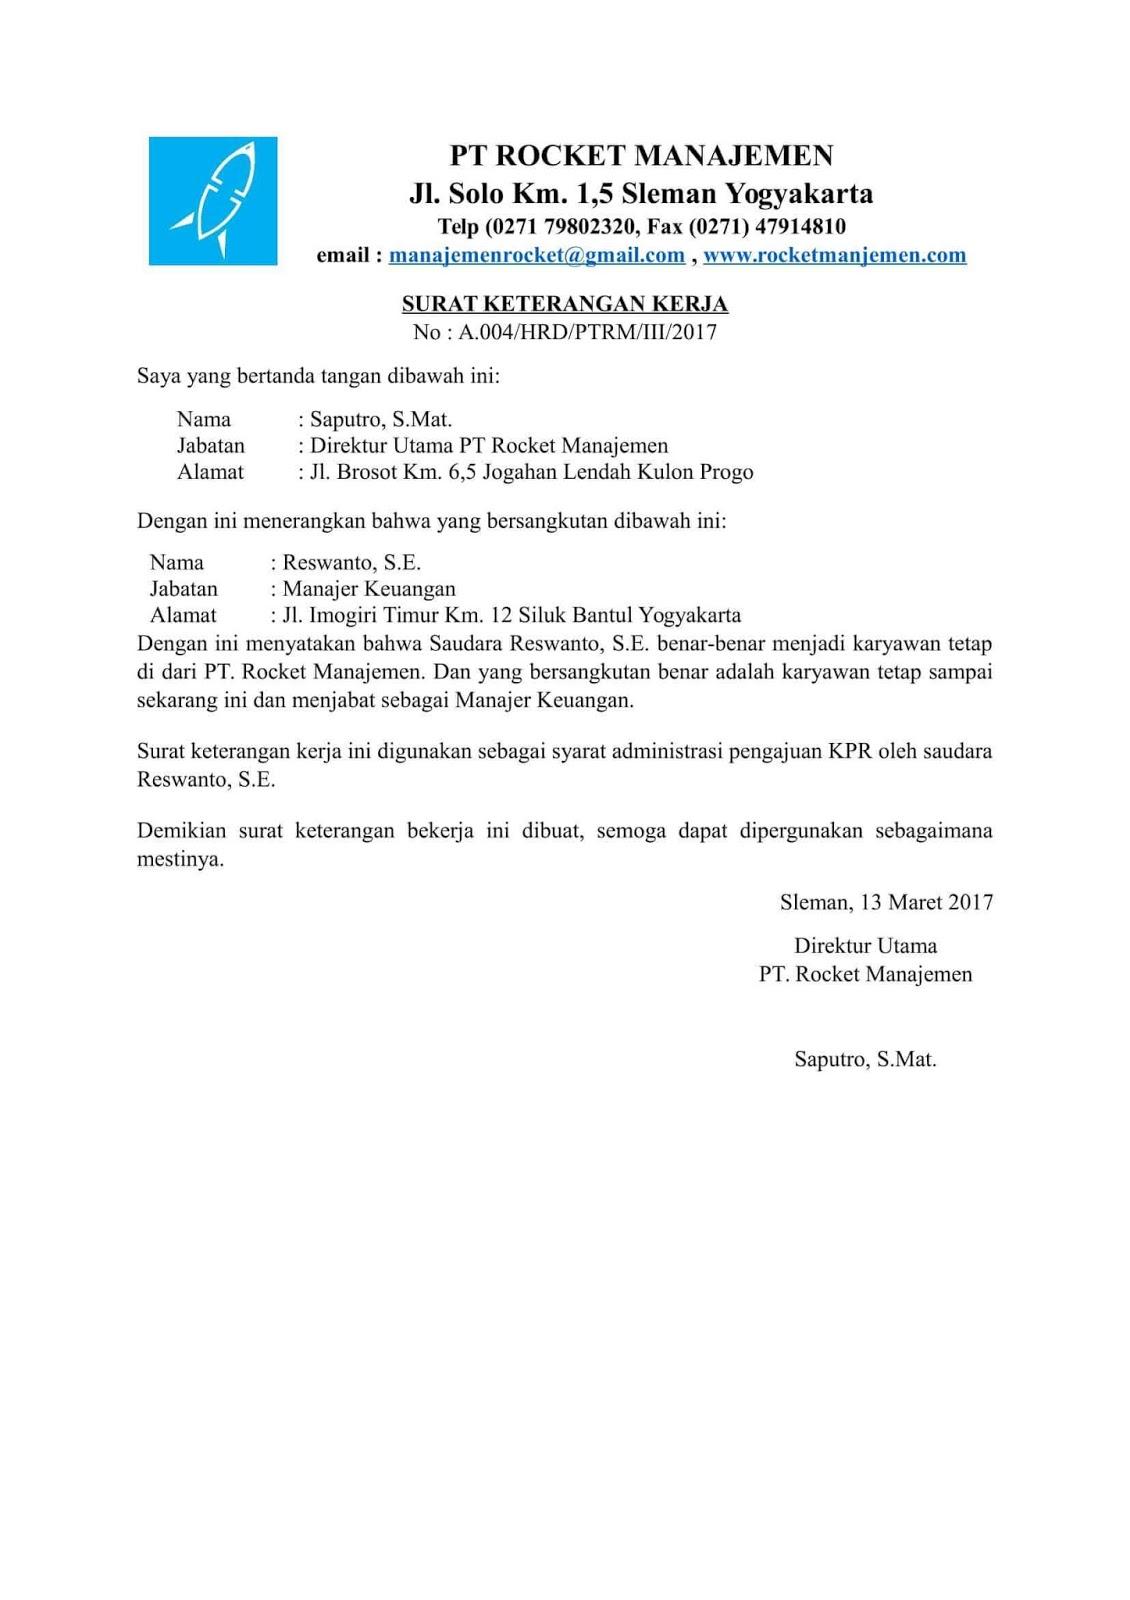 contoh surat keterangan kerjauntuk kpr